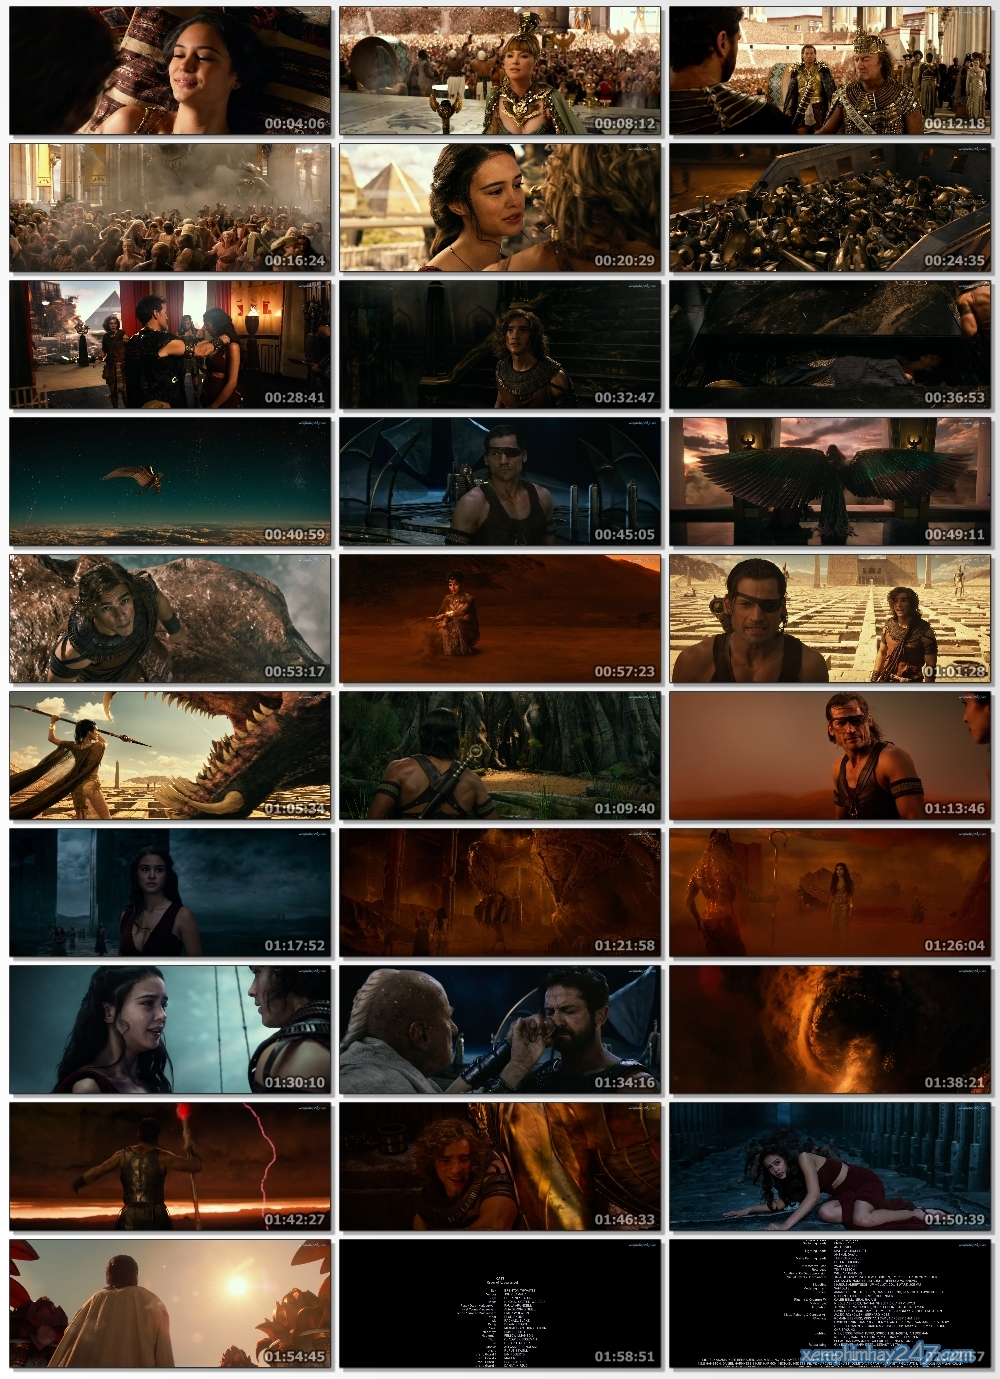 http://xemphimhay247.com - Xem phim hay 247 - Các Vị Thần Ai Cập (2016) - Gods Of Egypt (2016)